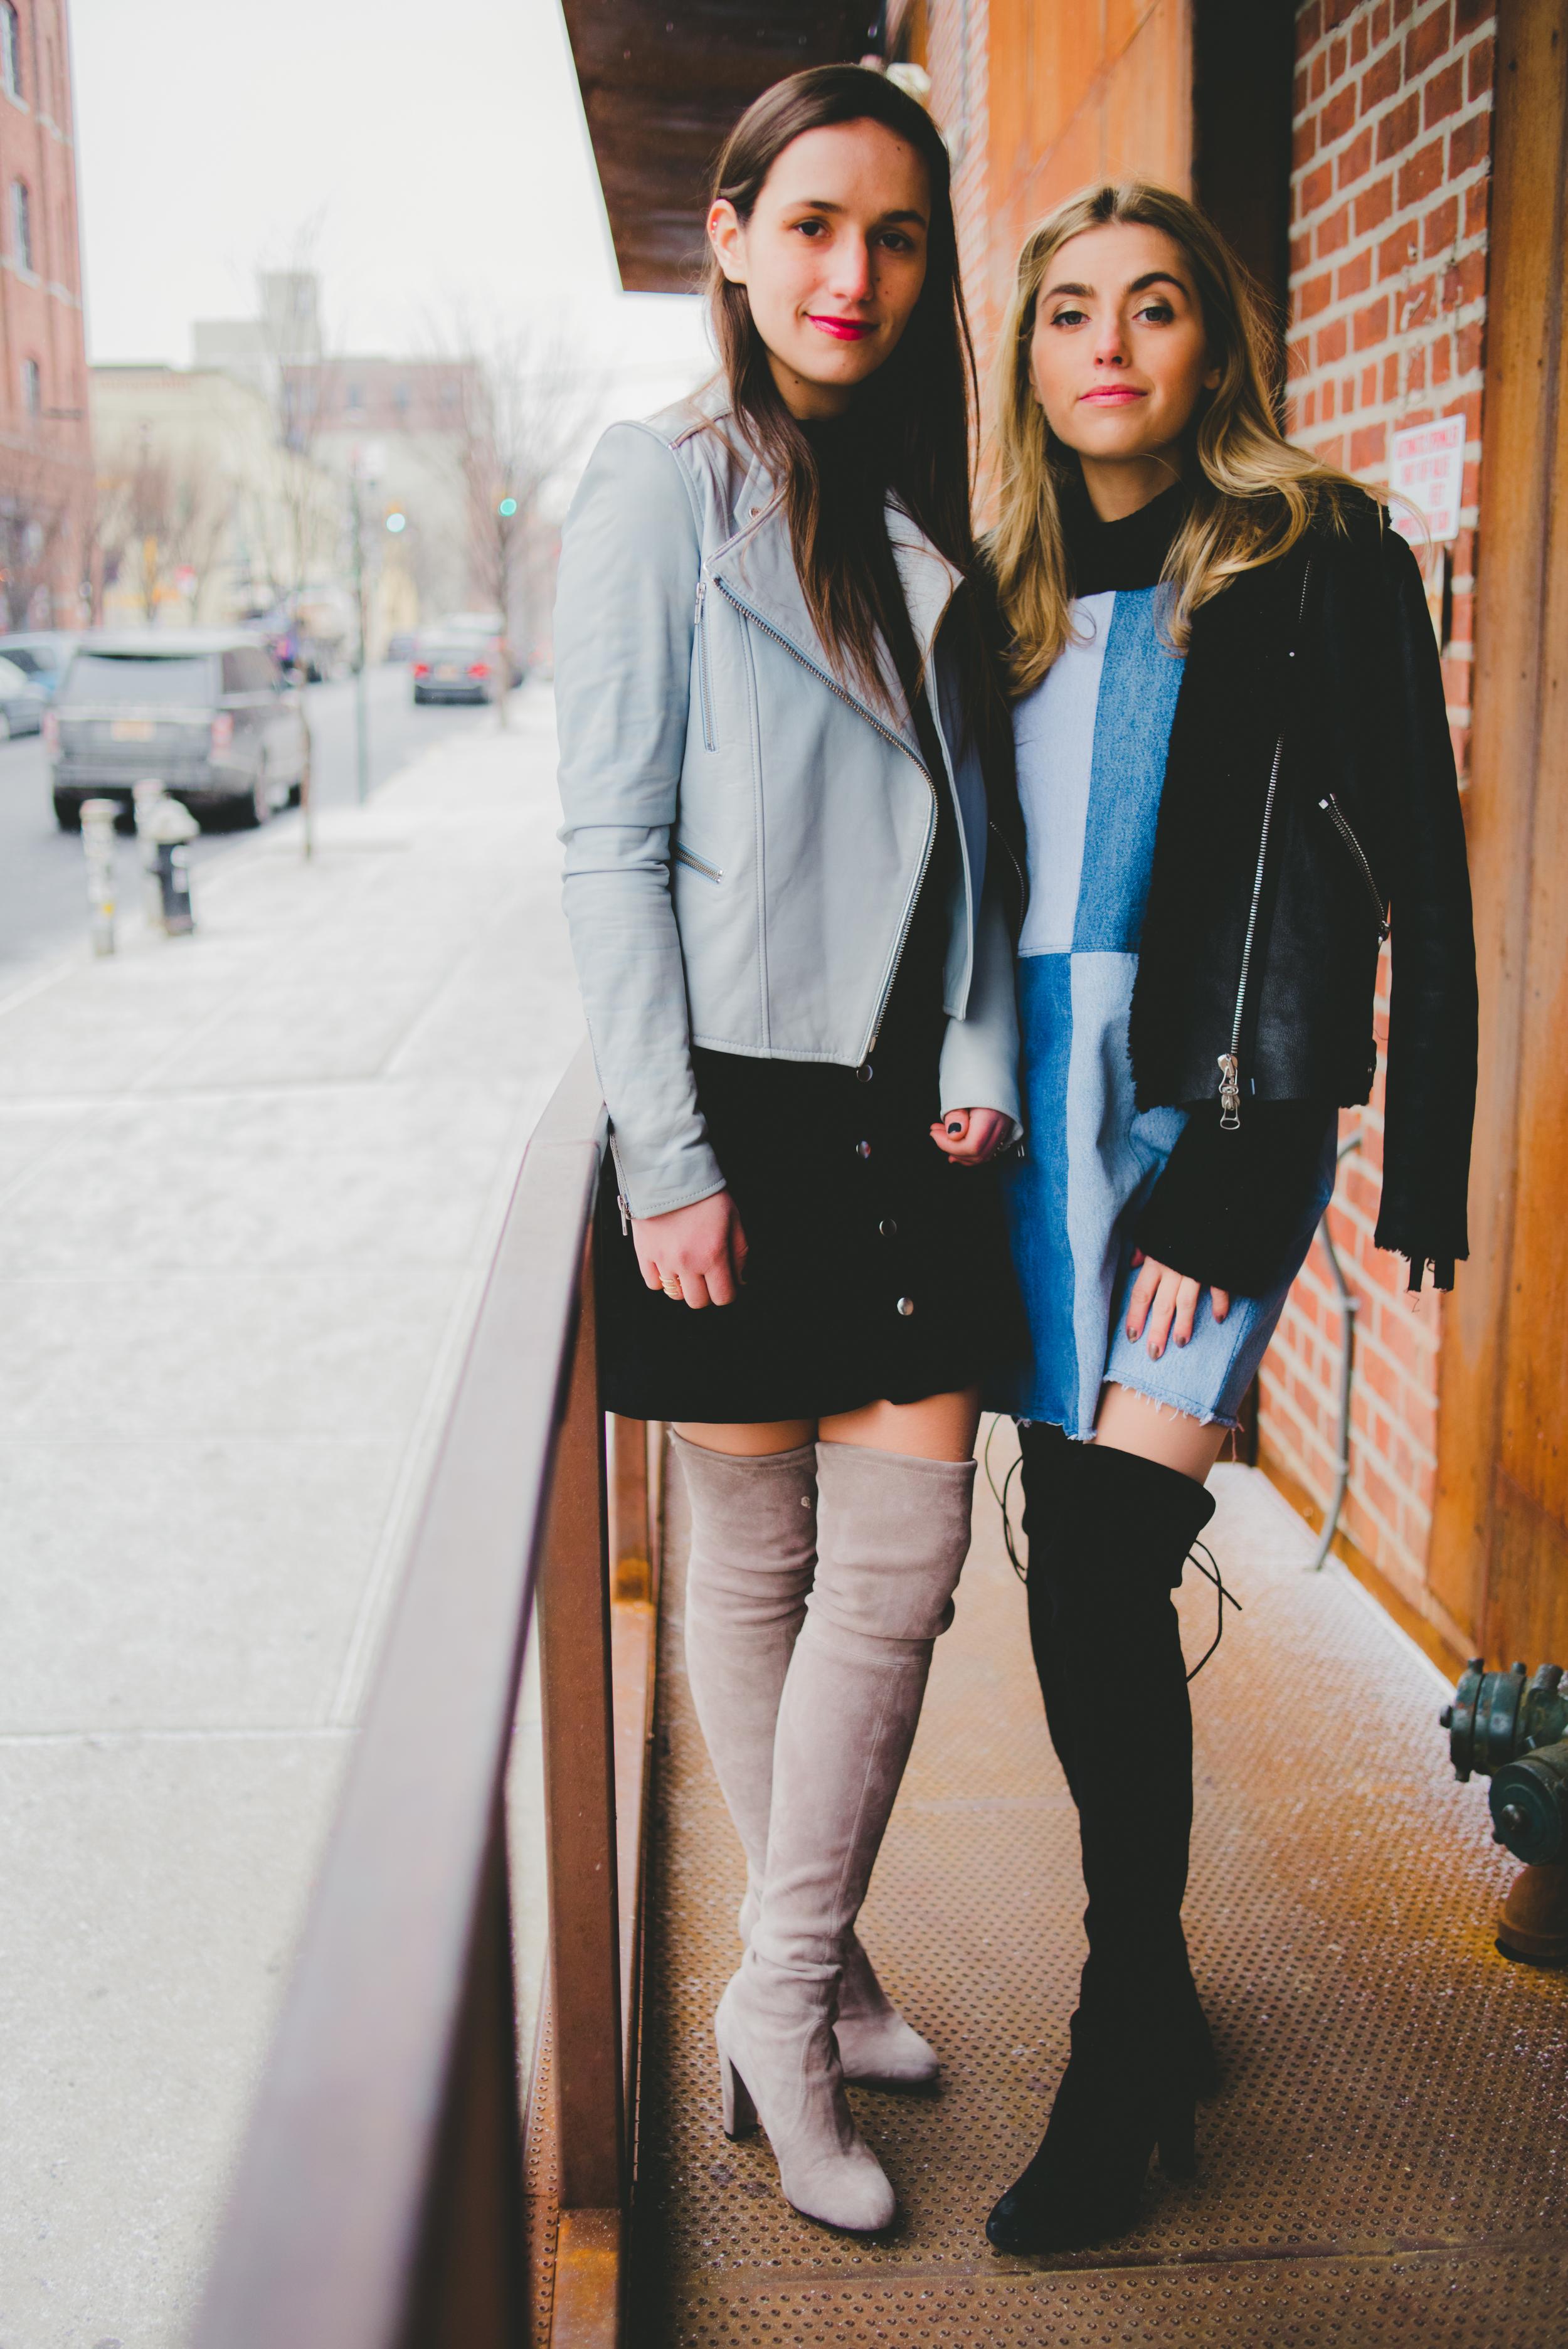 Brooklyn Street Style NYC Fashion Bloggers